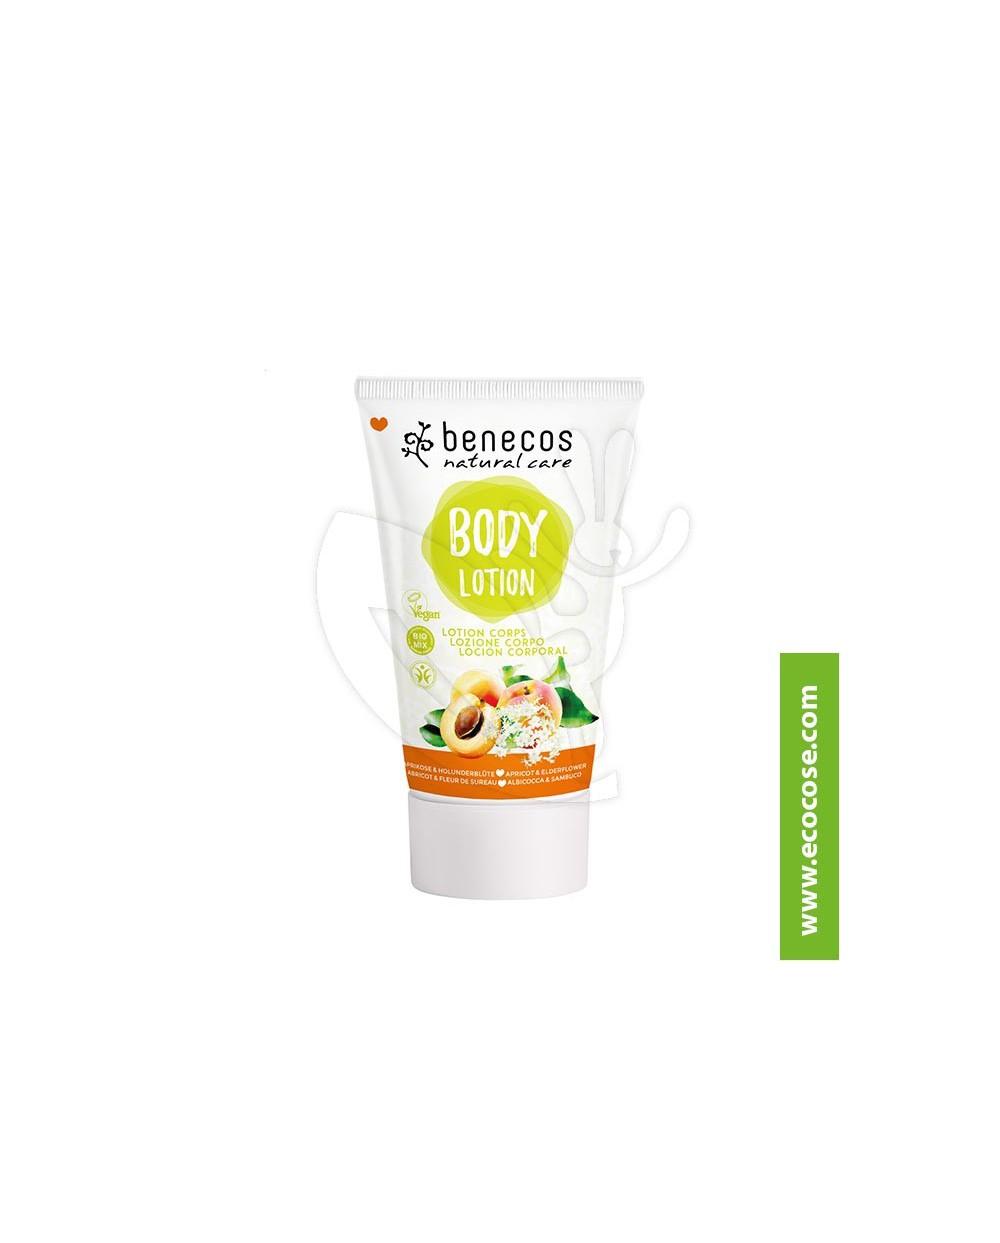 Benecos - Natural Care - Body Lotion - Albicocca e Fiori di Sambuco